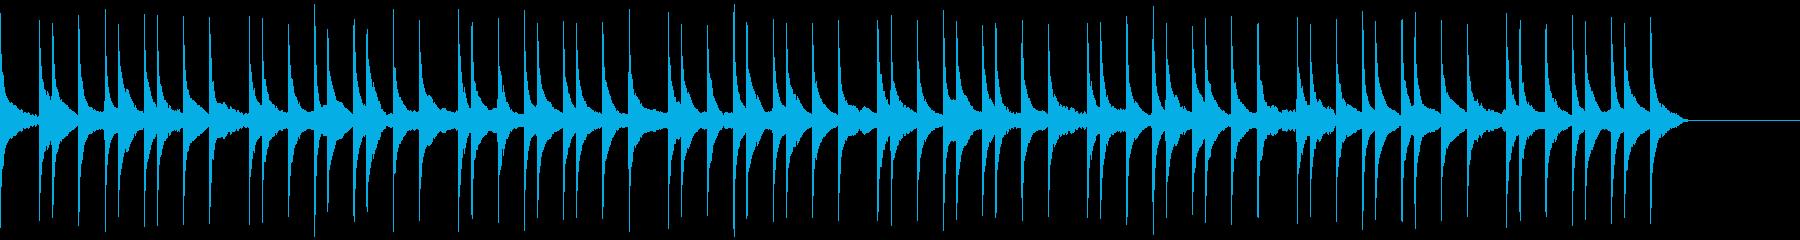 和風っぽい雰囲気のBGMの再生済みの波形